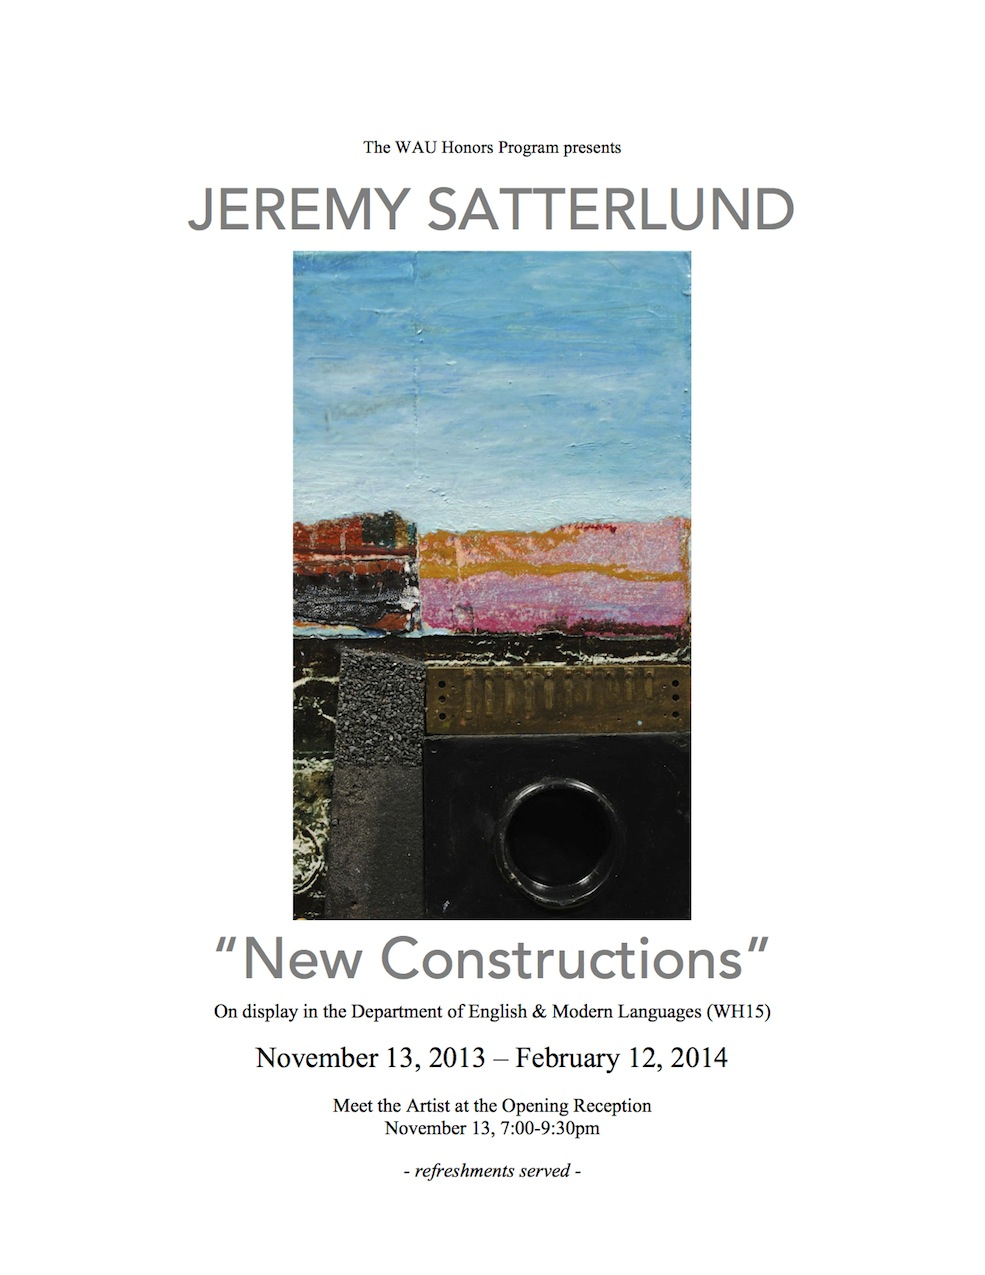 Satterlund exhibition poster 2013.jpg